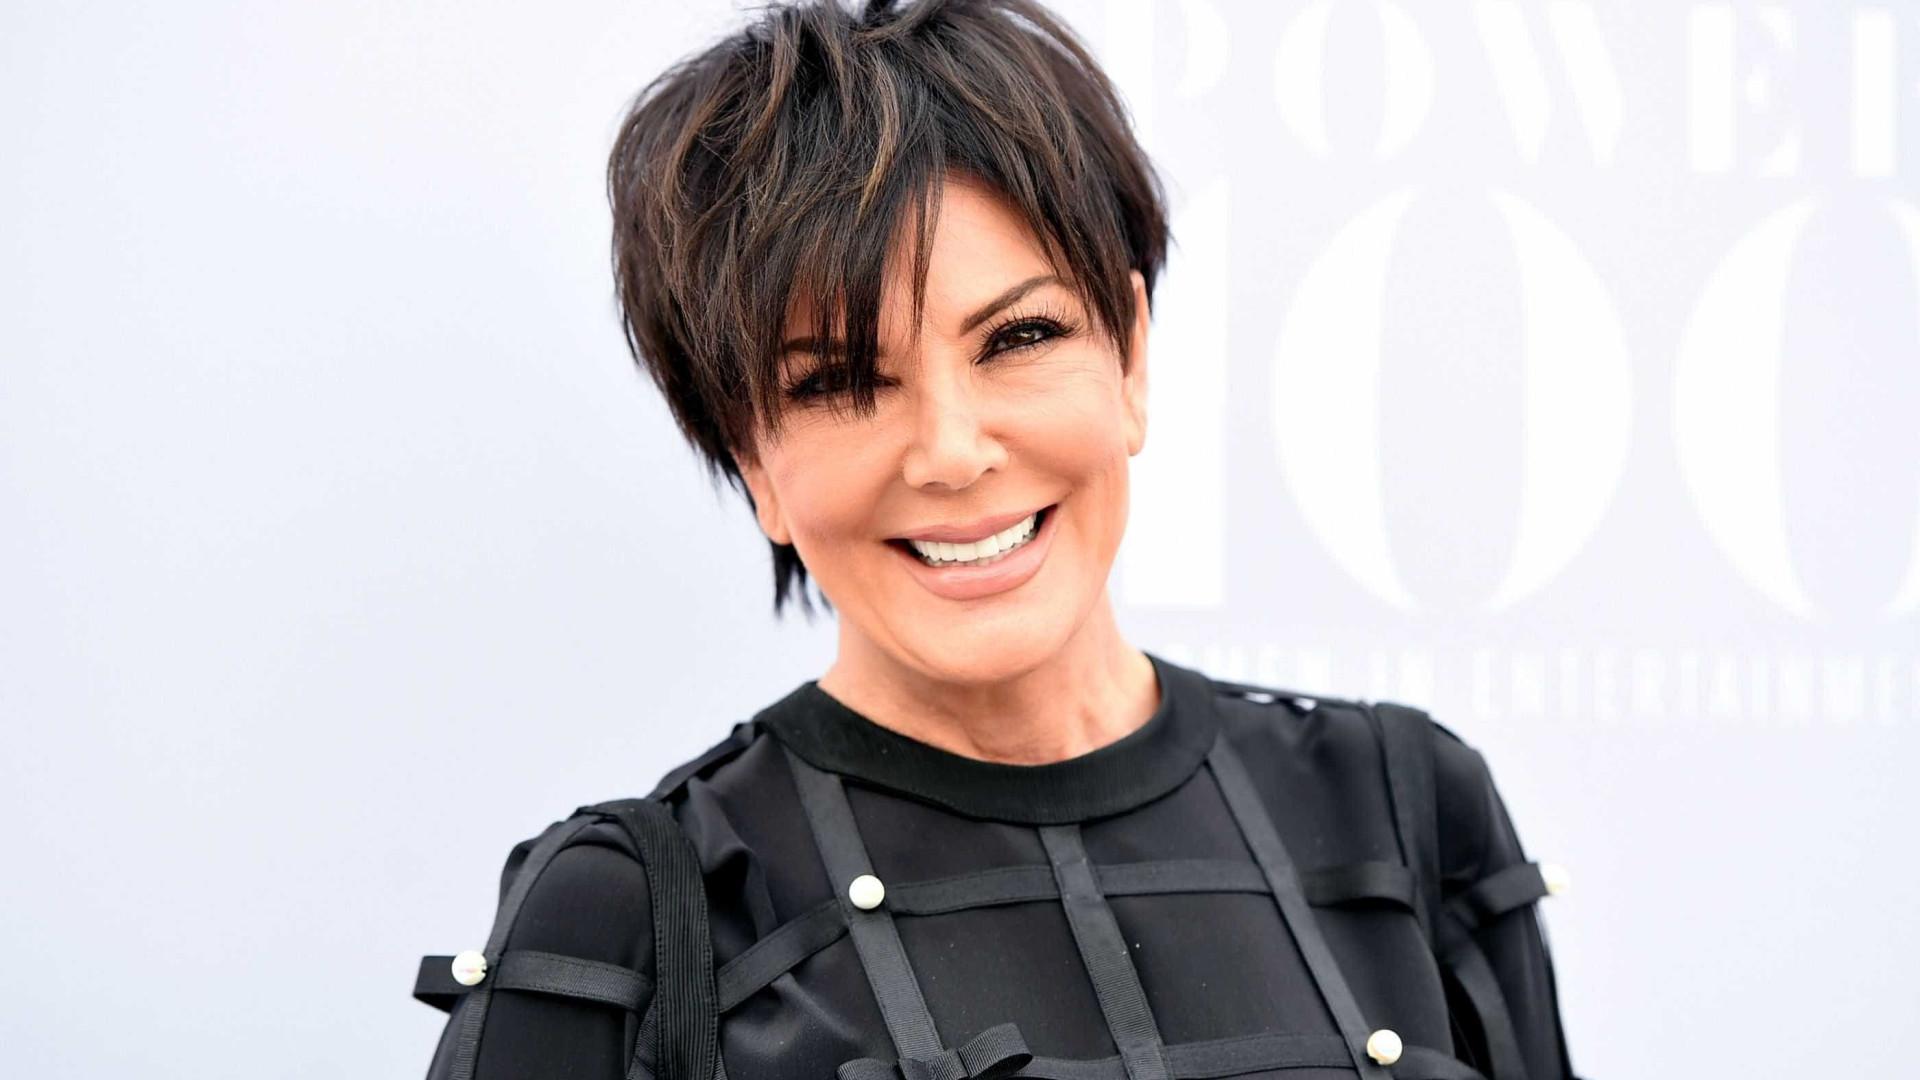 Kris Jenner obriga namorados das filhas a assinar contrato de 100 páginas